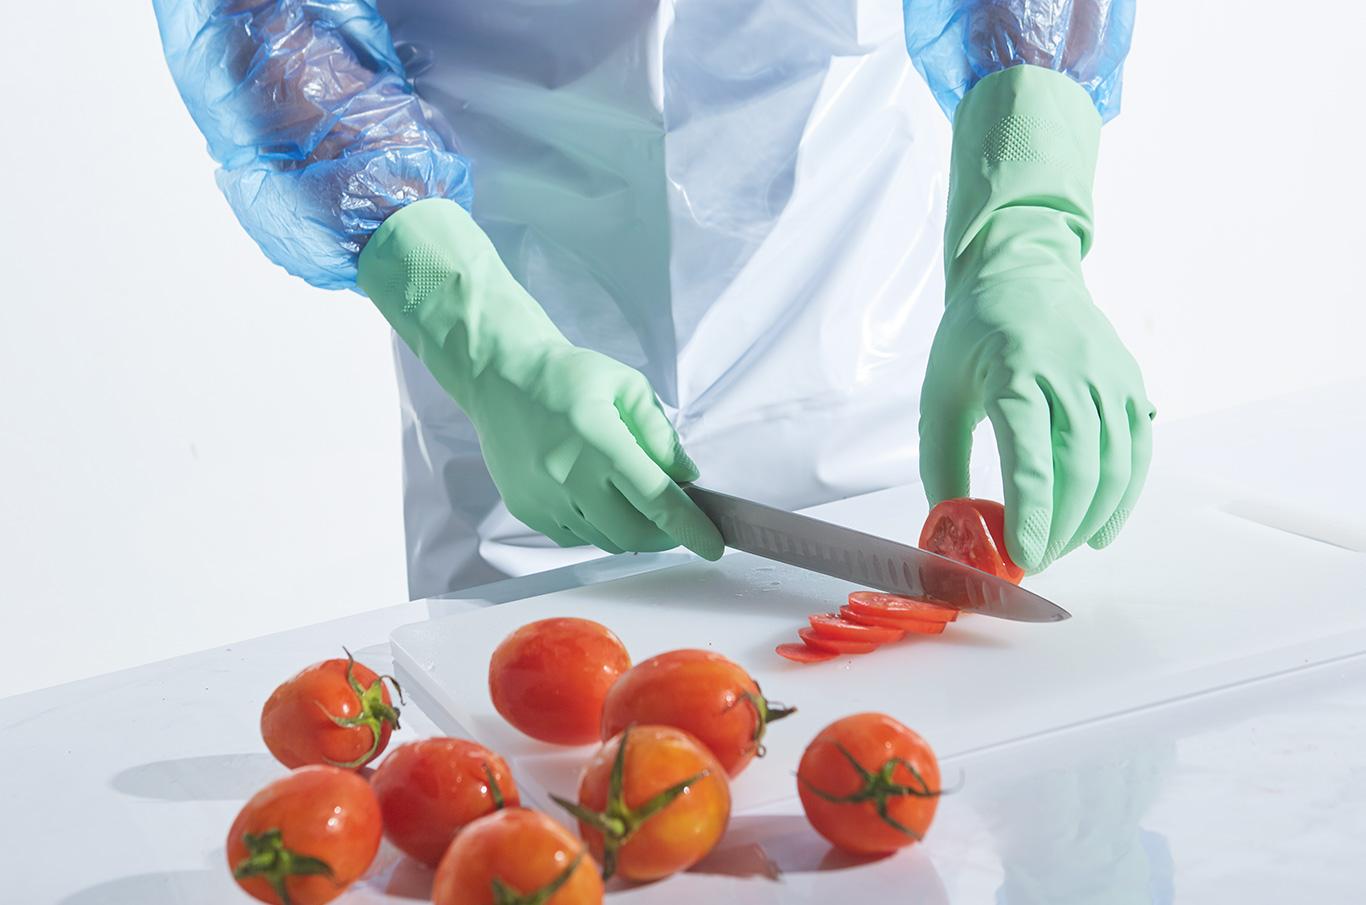 latex gloves, rubber gloves, food processing gloves, unlined gloves, chlorination gloves, protection gloves, grip gloves, blue gloves, poultry processing gloves, chicken processing gloves, meat processing gloves, industrial gloves, orange gloves, natural gloves, Food Pro gloves, , low protein gloves, ถุงมือยาง,ถุงมือยางพารา, ถุงมือแม่บ้าน, ถุงมืออุตสาหกรรม,ถุงมืออุตสาหกรรมอาหาร, ถุงมือทำความสะอาด, ถุงมือป้องกันสารเคมี, ถุงมืออันไลน์, ถุงมืออุตสาหกรรมไก่,ถุงมืออุตสาหกรรมปลา, ถุงมืออุตสาหกรรมเนื้อ, ถุงมืออุตสาหกรรมผัก,ถุงมือม้วนขอบ, ถุงมือตัดขอบ